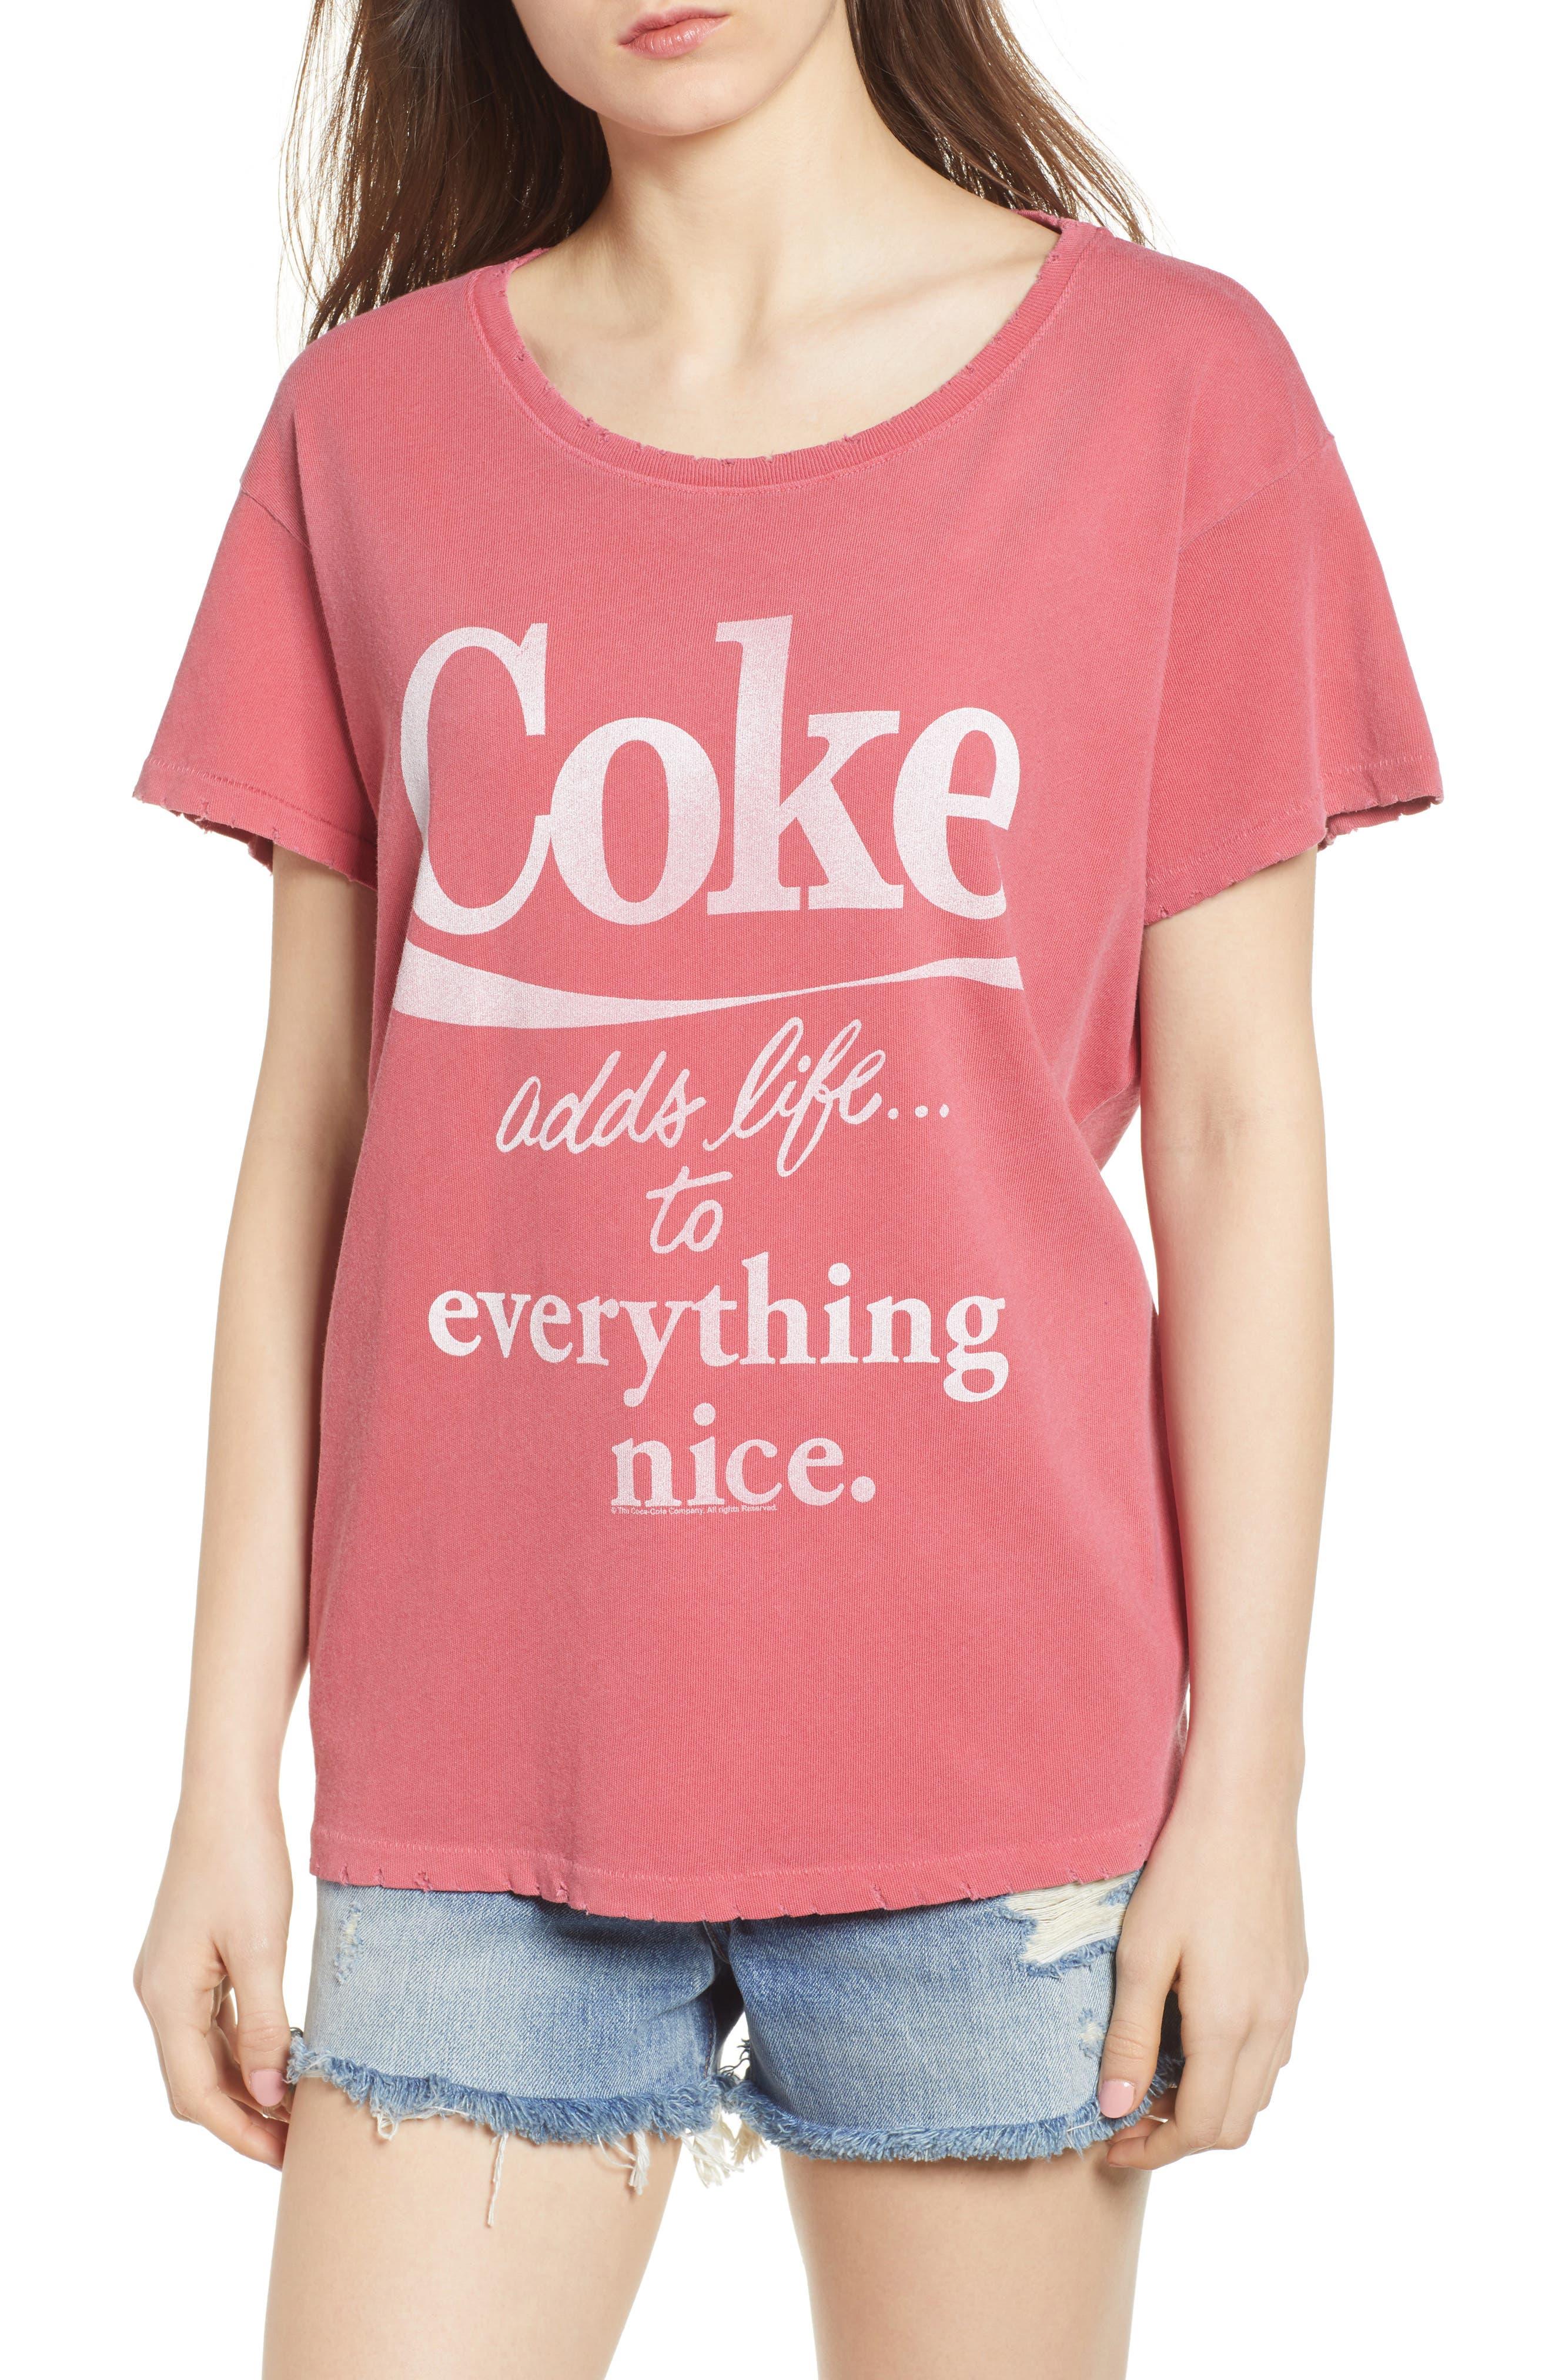 Coke Tee,                             Main thumbnail 1, color,                             600